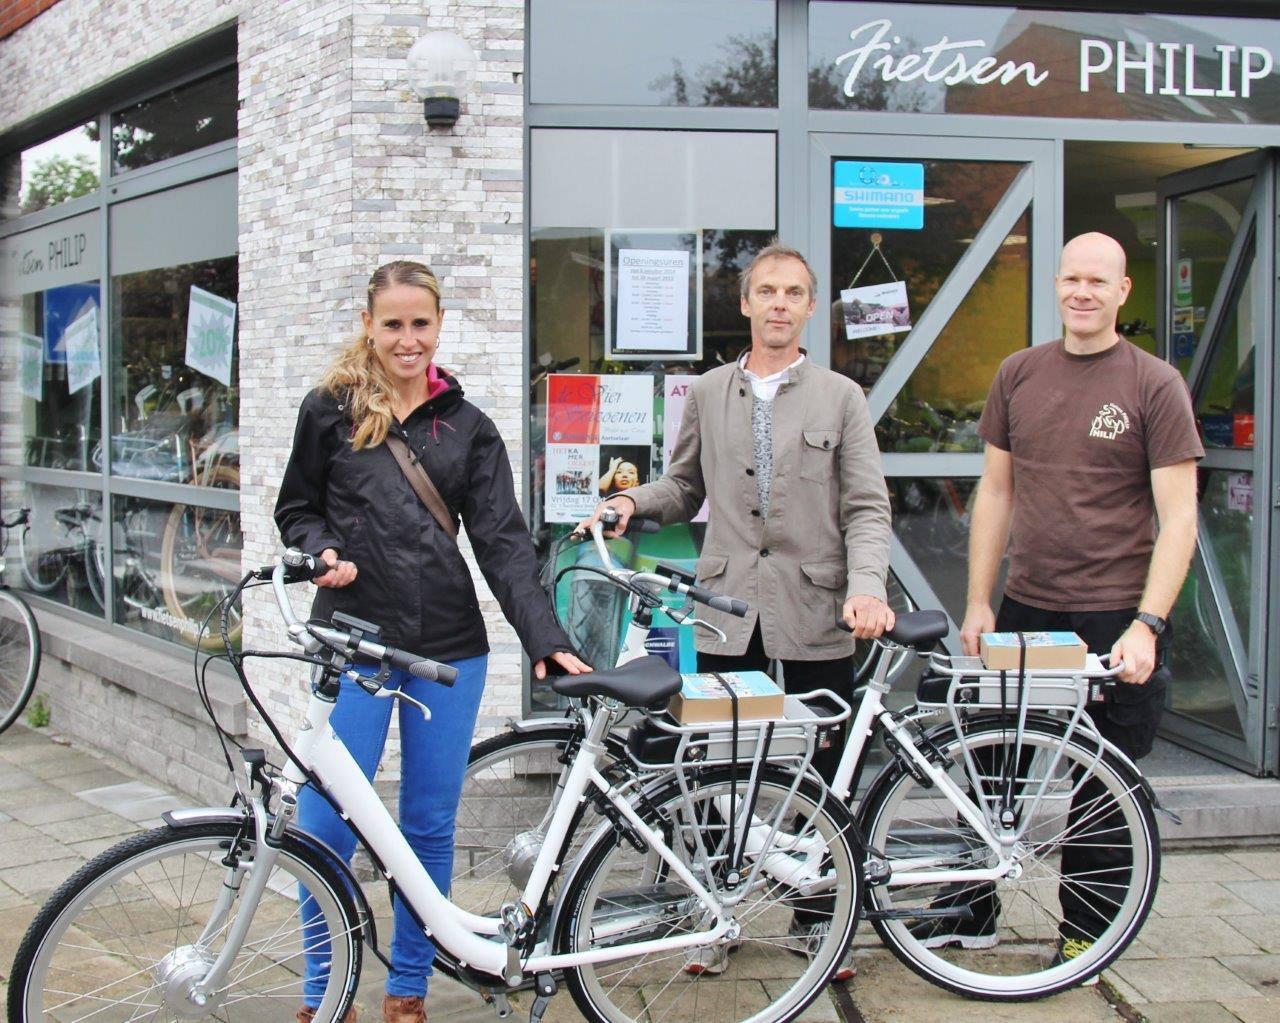 Elektrische_fietsen.jpg